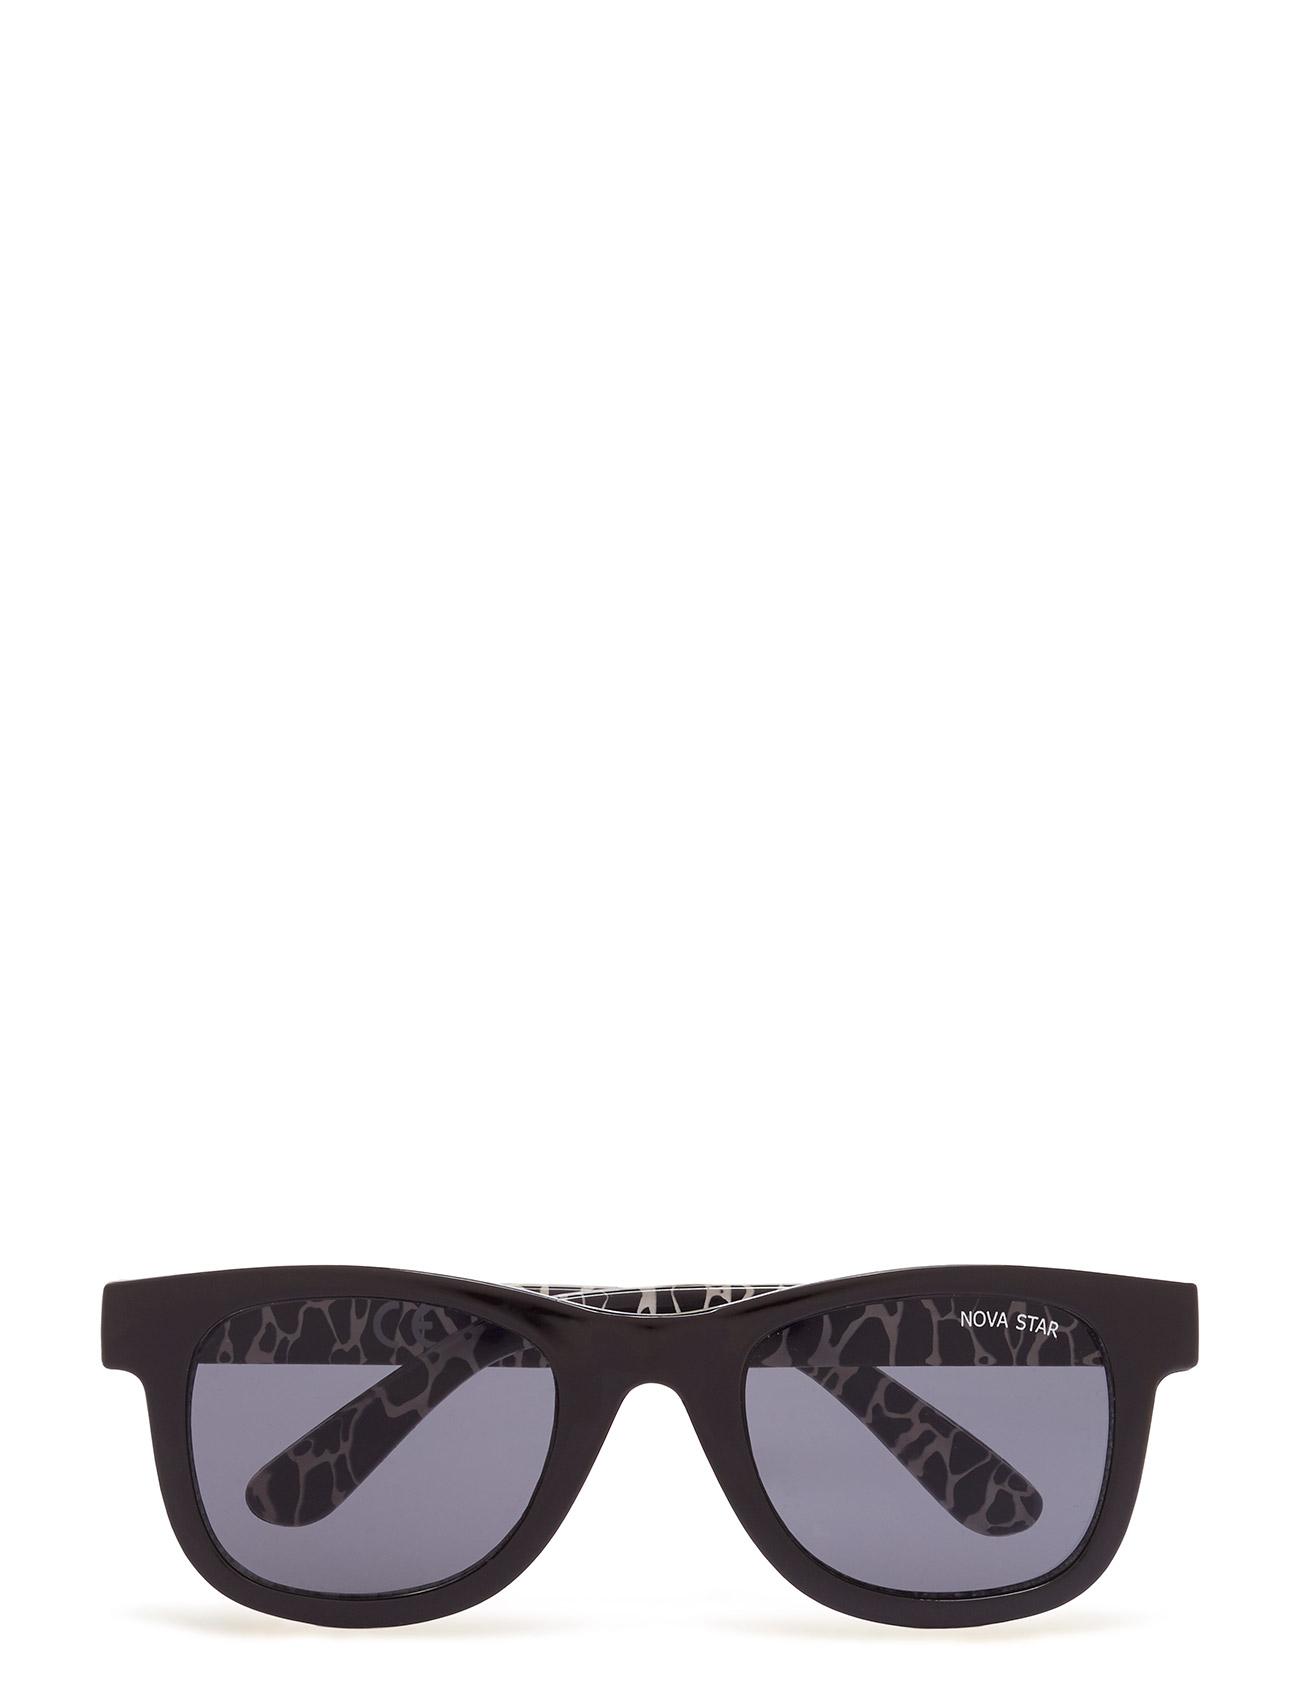 Giraffe Sunglasses NOVA STAR Solbriller til Børn i Sort